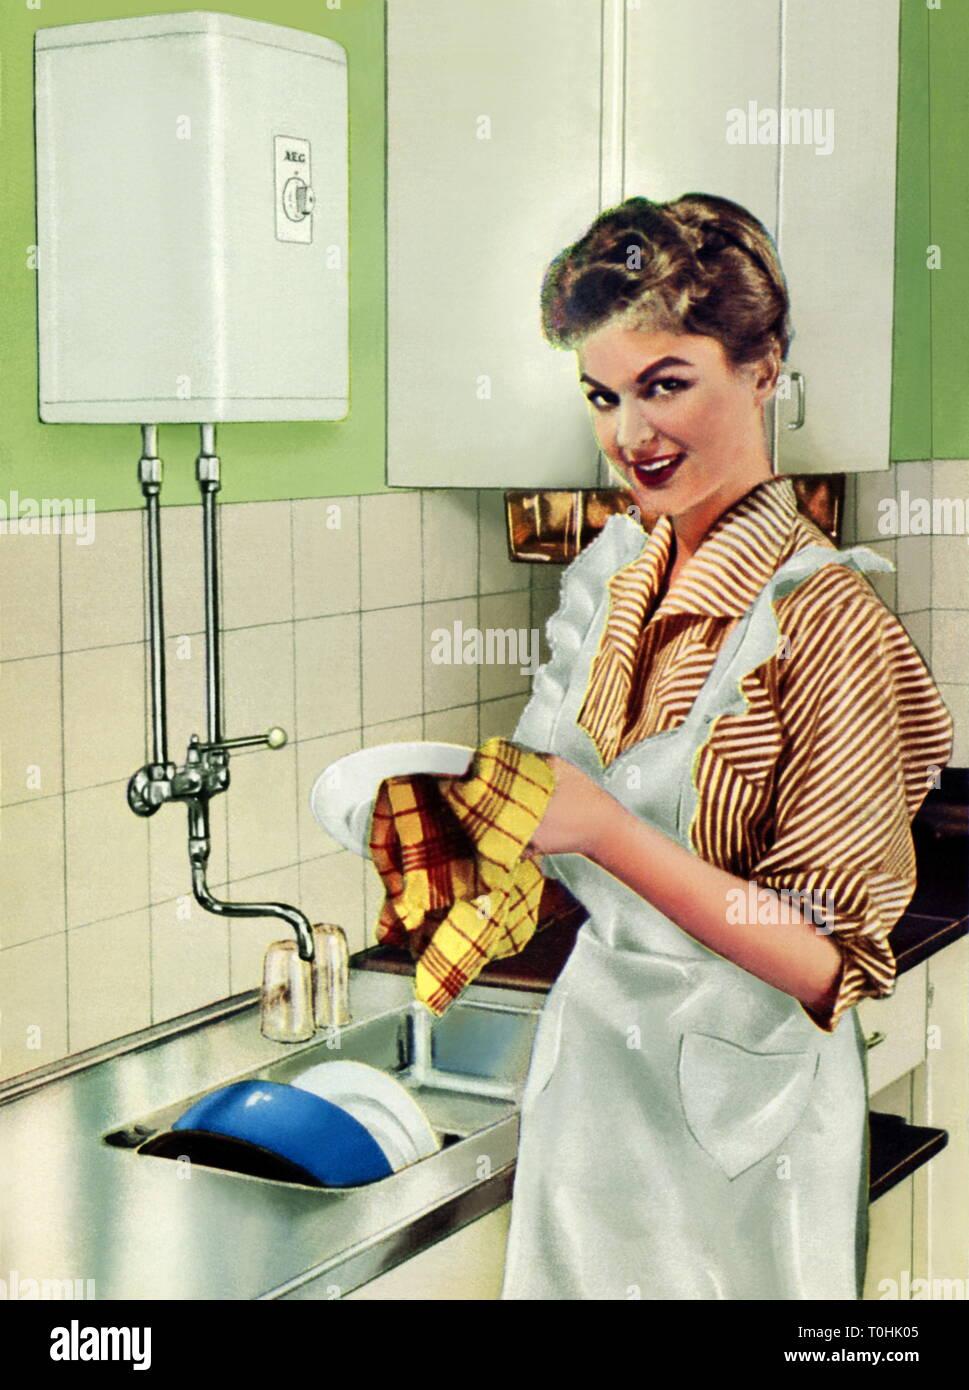 Hausfrau arbeiten